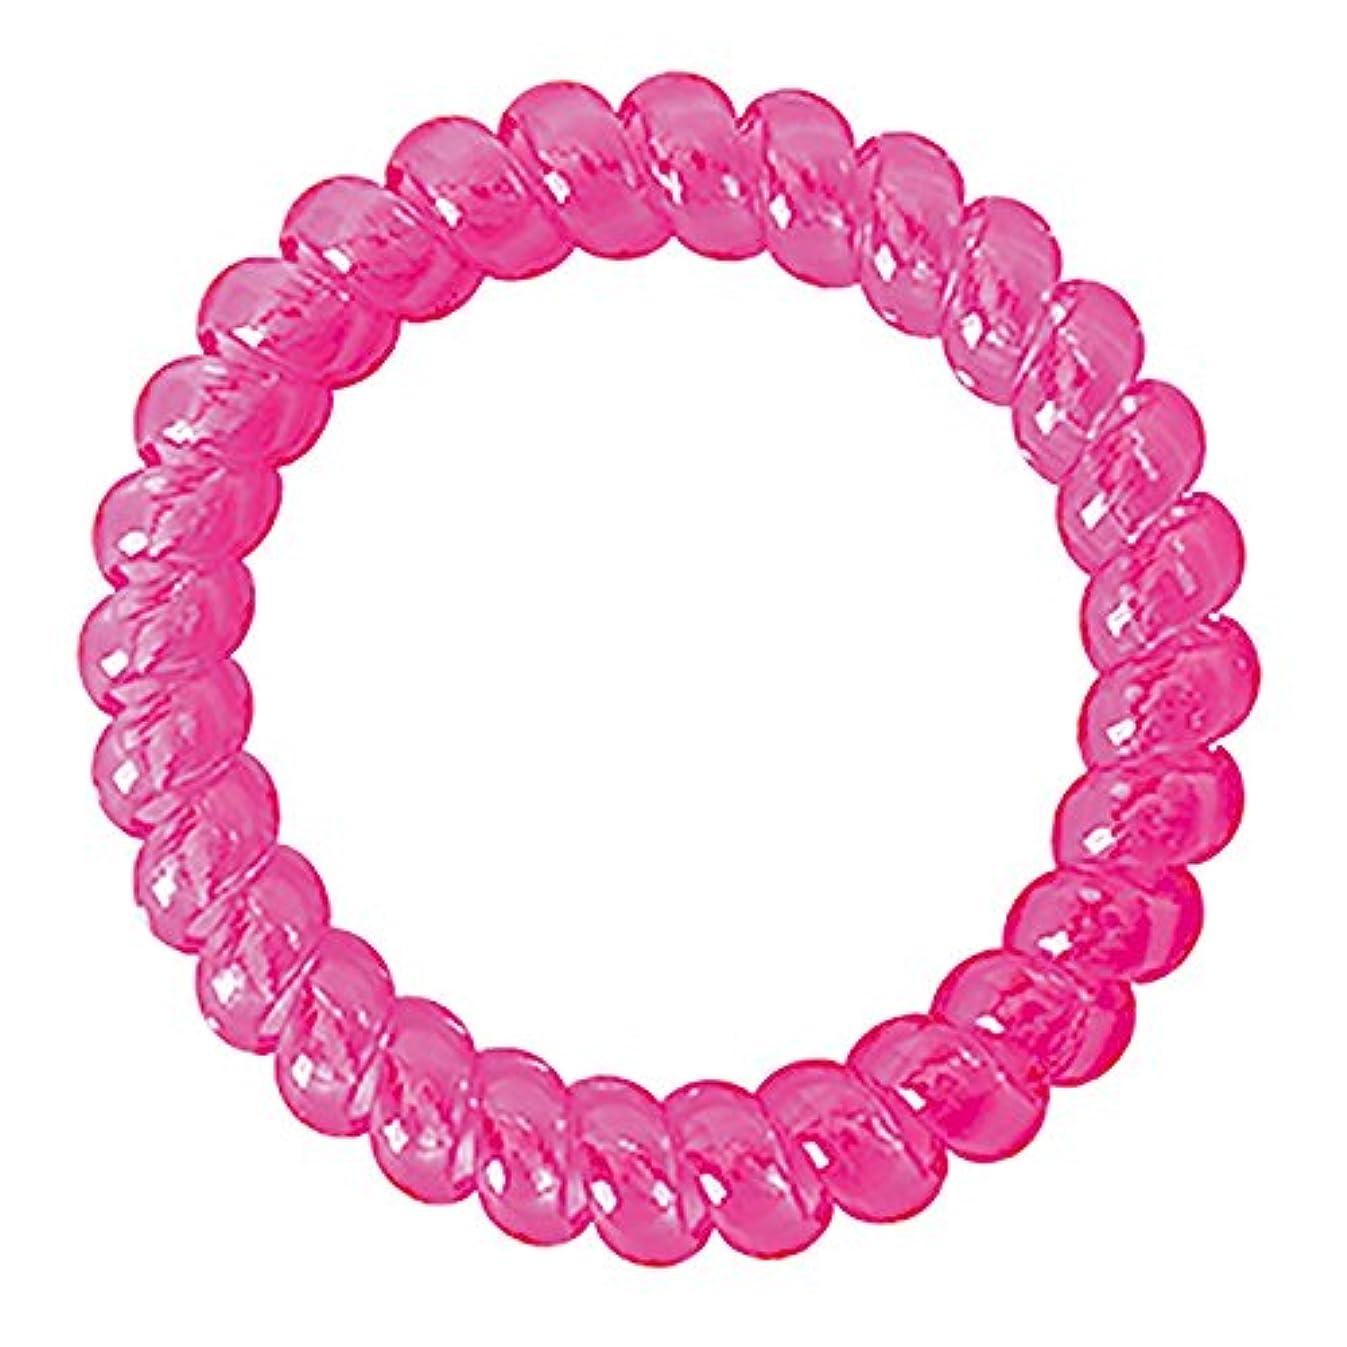 意外未亡人物質ノルコーポレーション アロマリストレット スプリングタイプ ピンク